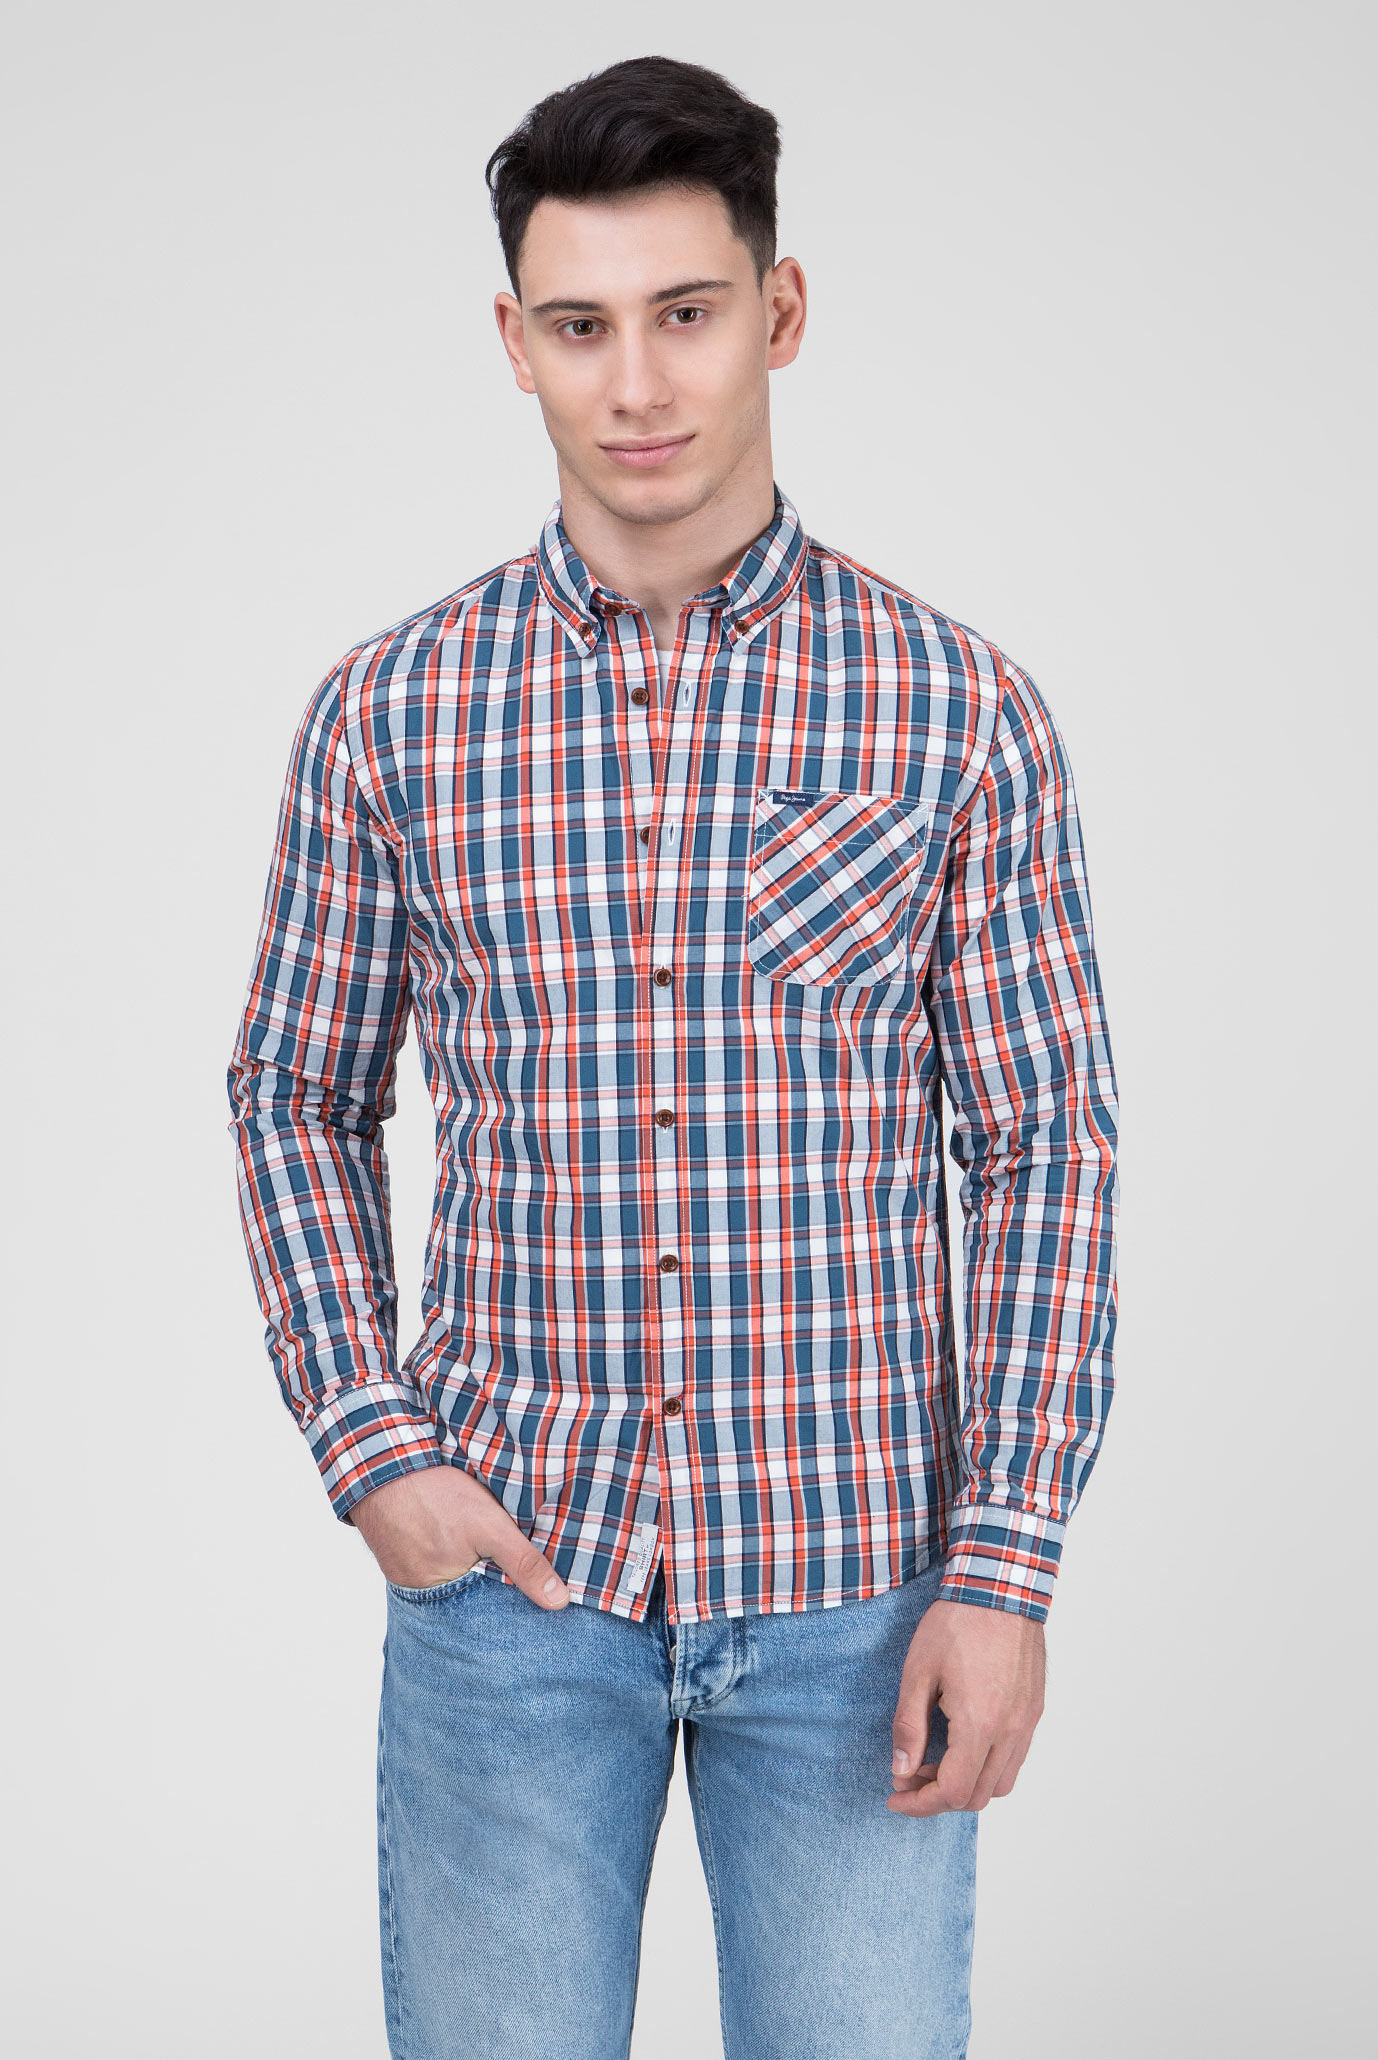 Купить Мужская рубашка в клетку CURTIS Pepe Jeans Pepe Jeans PM305460 – Киев, Украина. Цены в интернет магазине MD Fashion